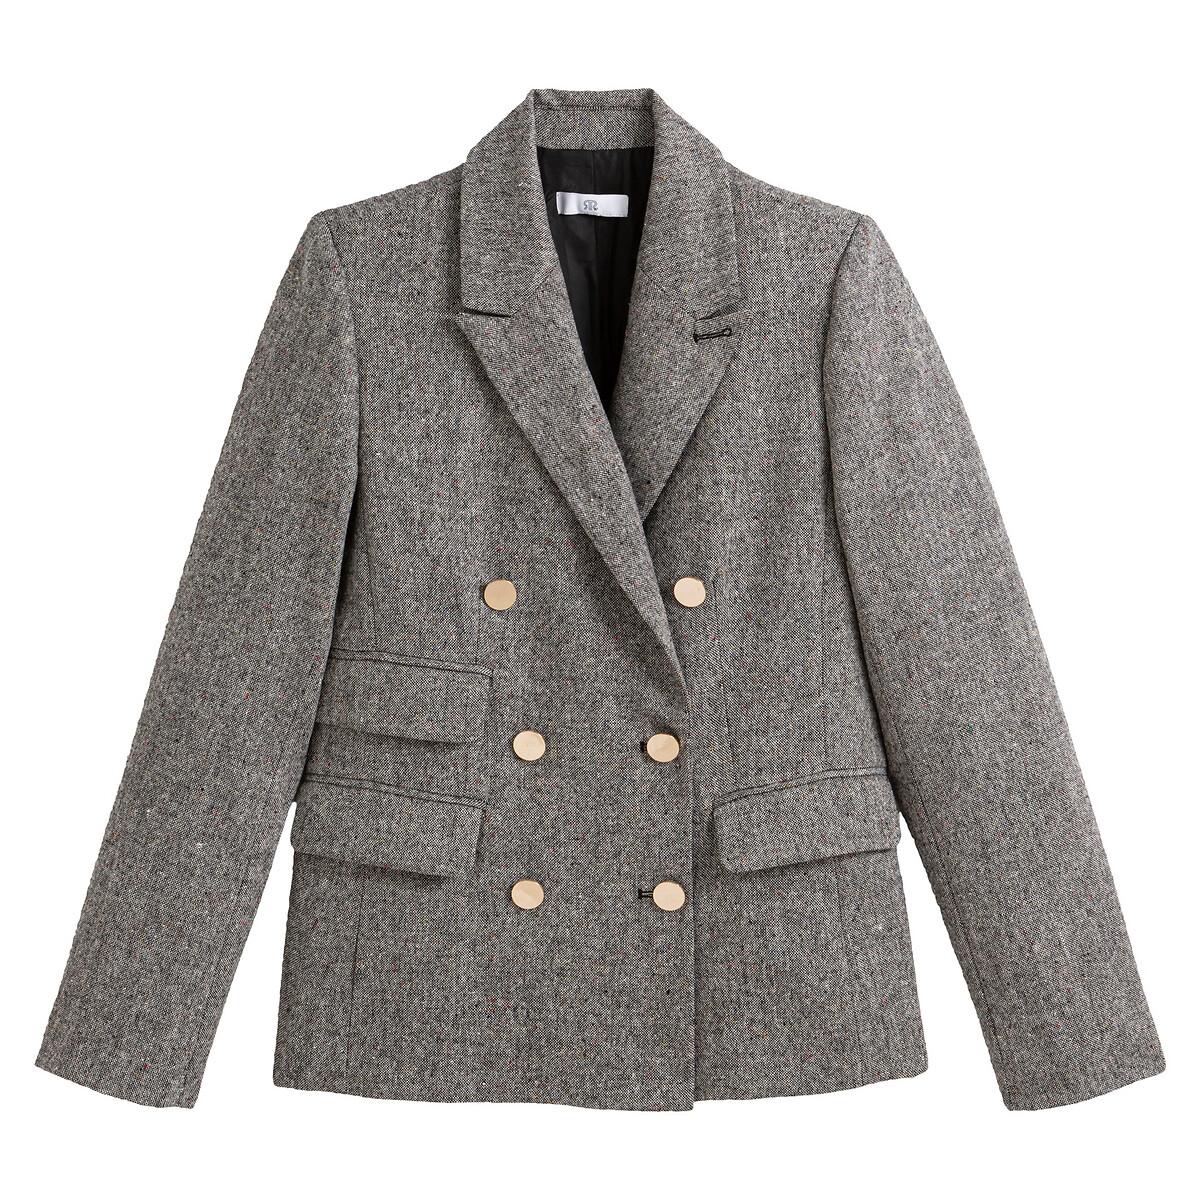 Blazer com duas filas de botões, em tweed suave